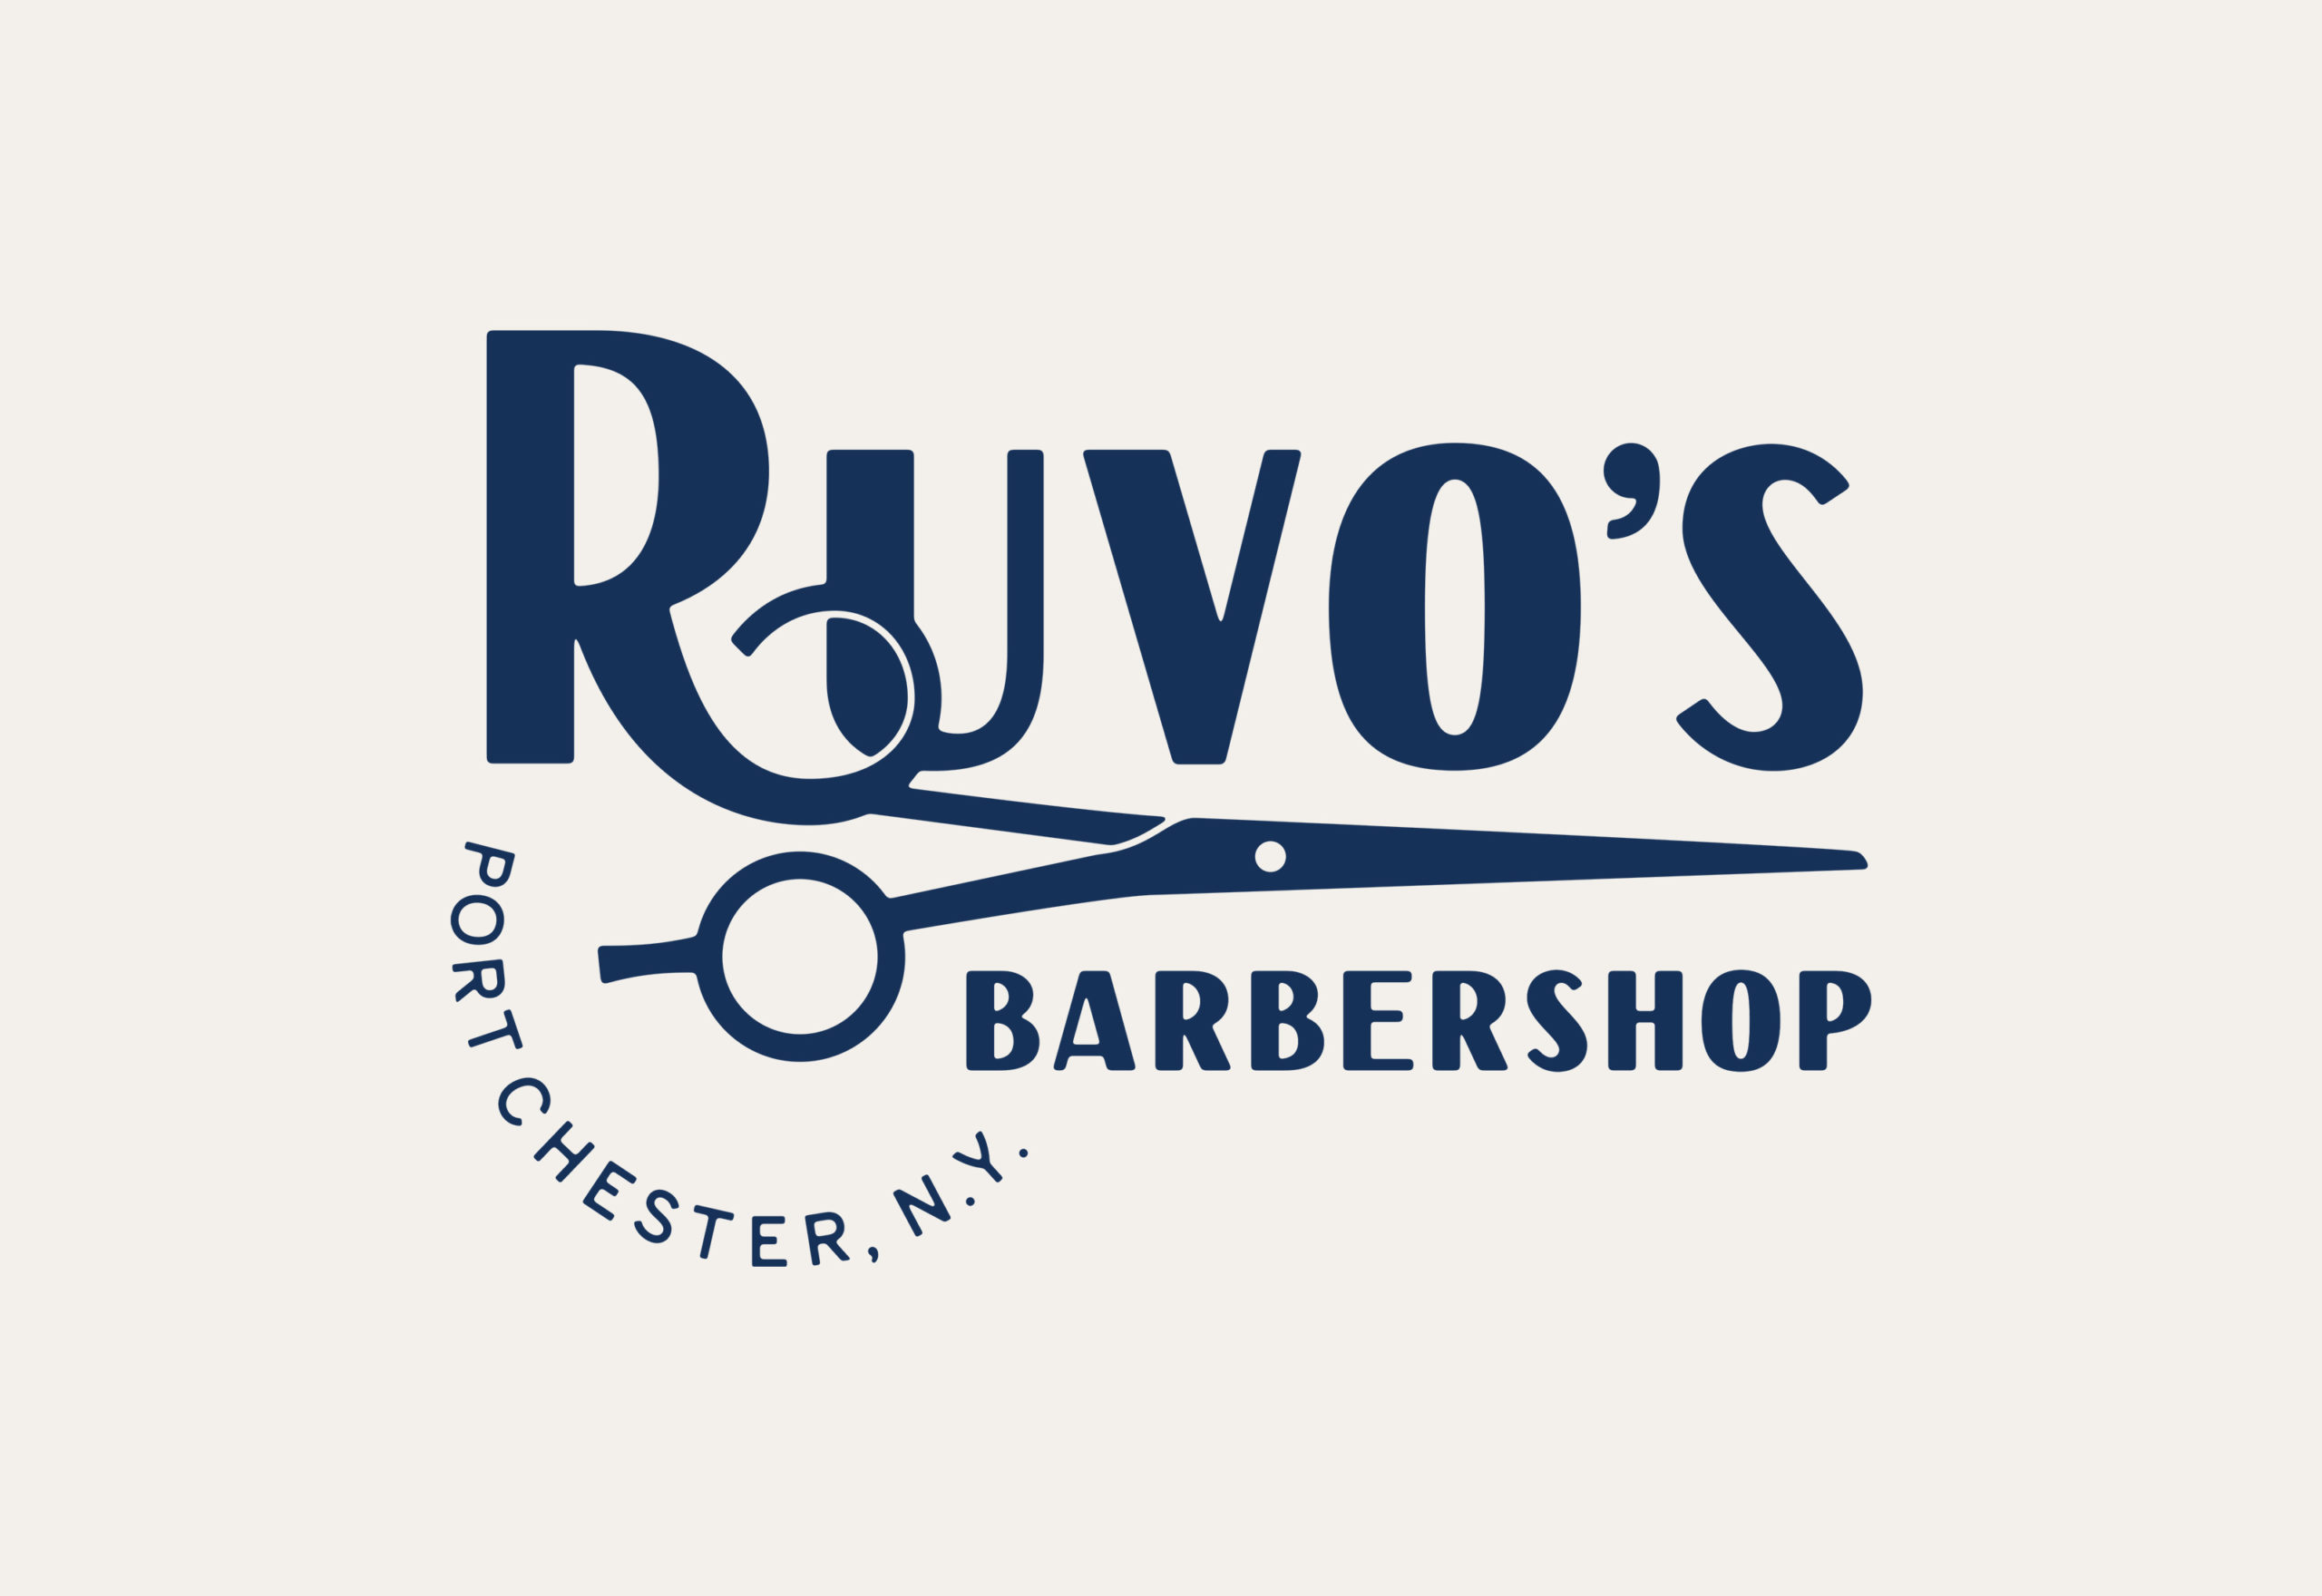 Ruvos-Barbershop-2-3200